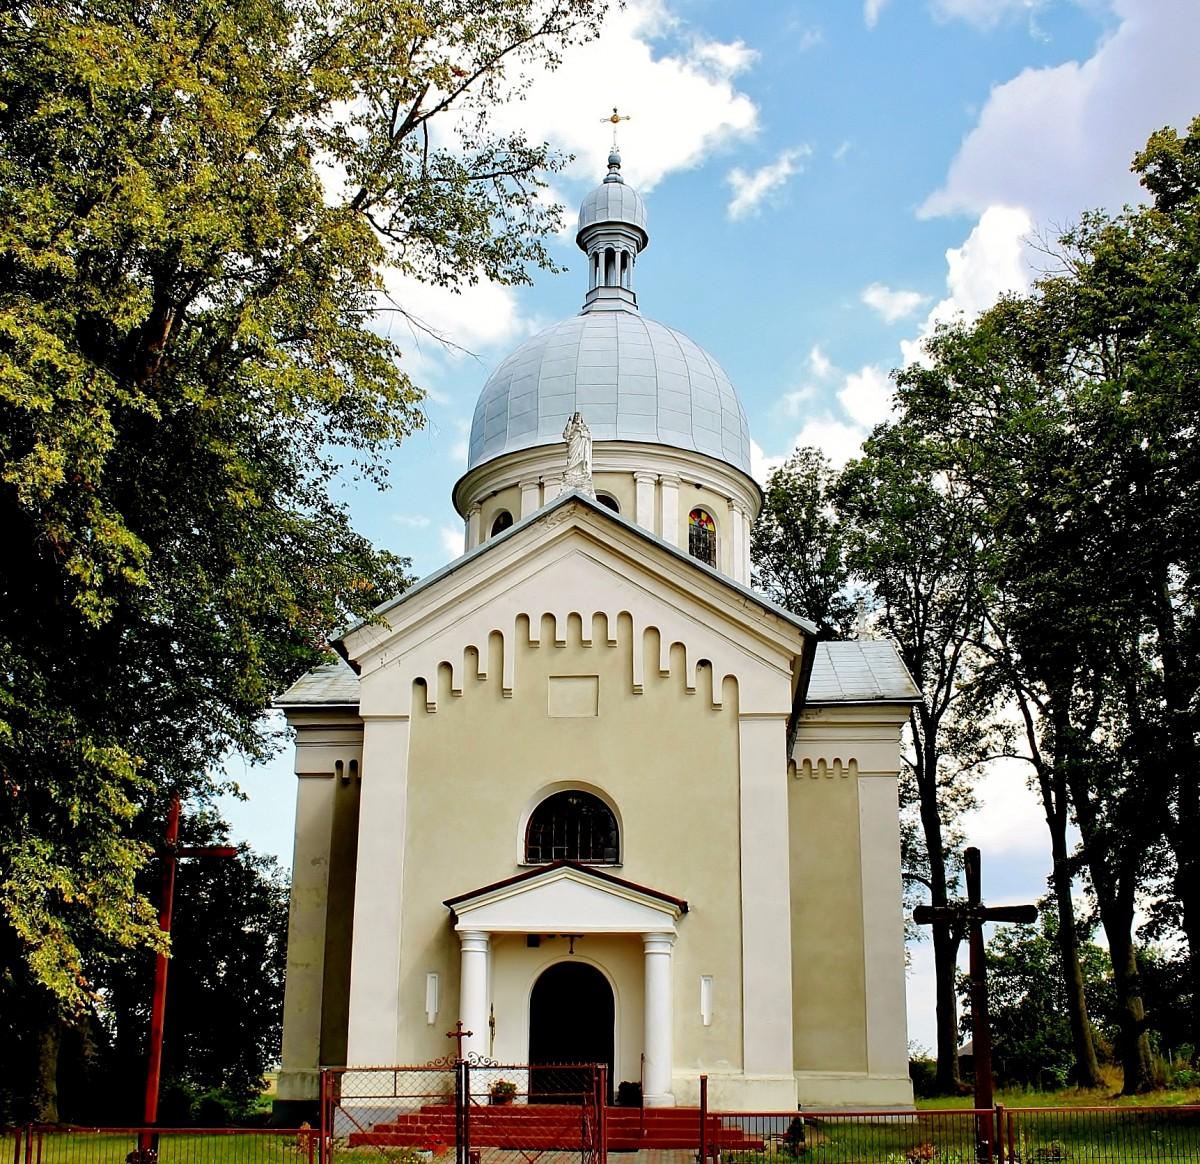 Zdjęcia: Szczepiatyn, województwo lubelskie, Cerkiew greckokatolicka pw.Św.Trójcy z 1913 roku, POLSKA